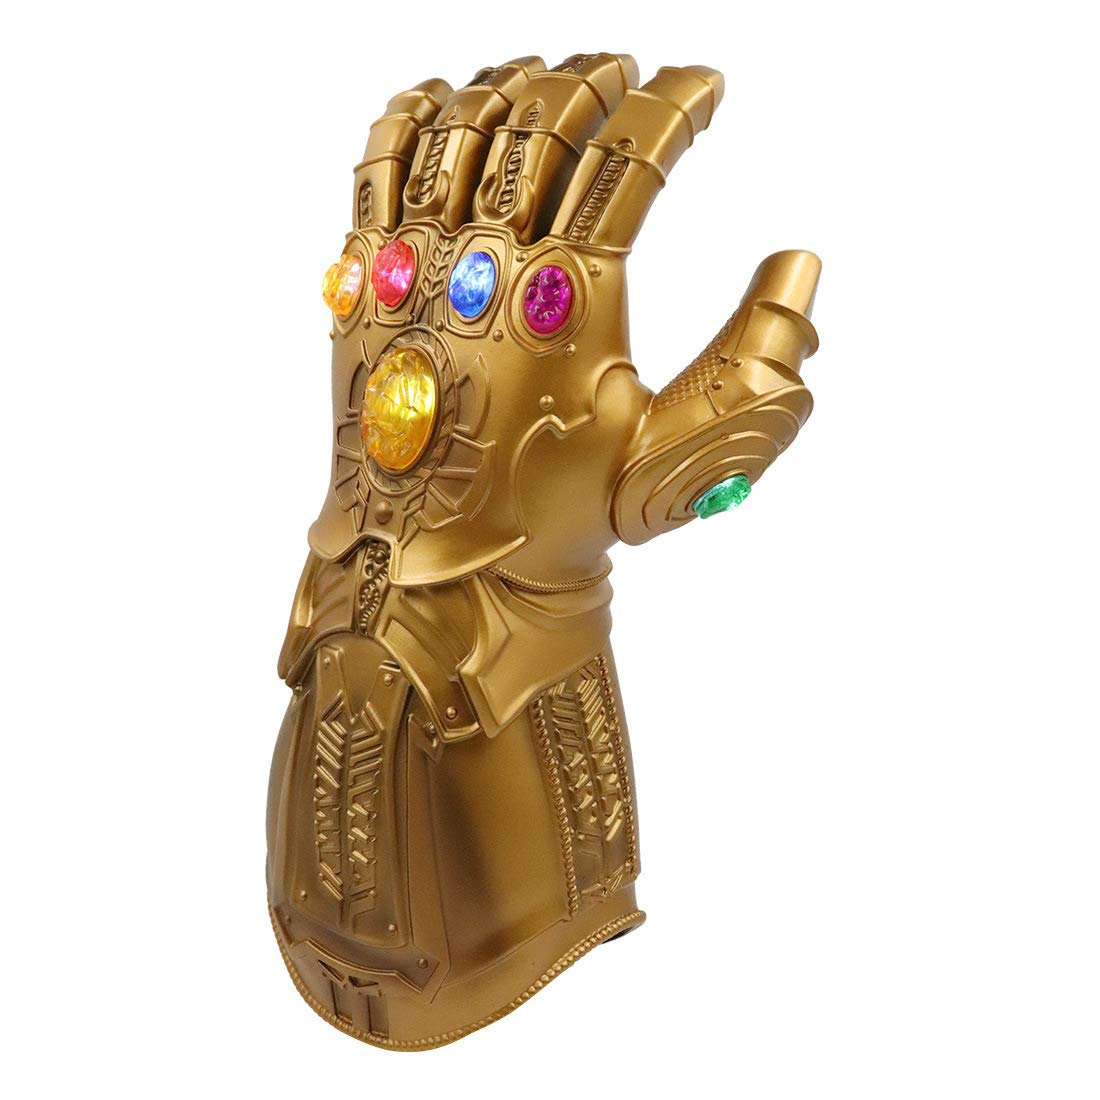 Avengers Infinity Guanto con Illuminazione Elettrica per Gauntlet Souvenir Avengers Adatto per Marvel Fan Womdee Thanos Guanto Adatto ai Bambini 30 * 12cm